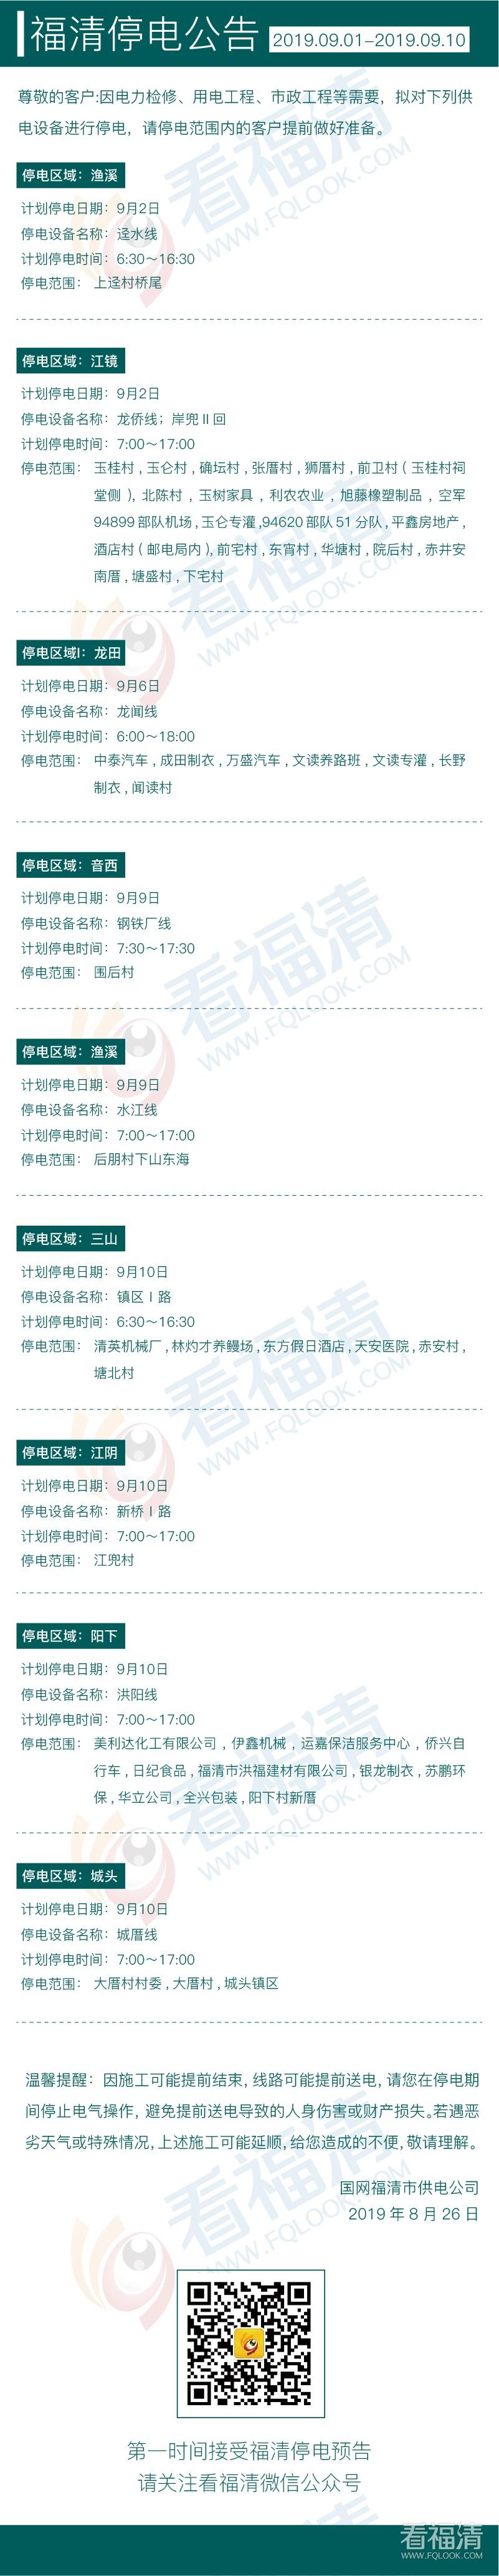 2019年9月福清停电公告(01日至10日)